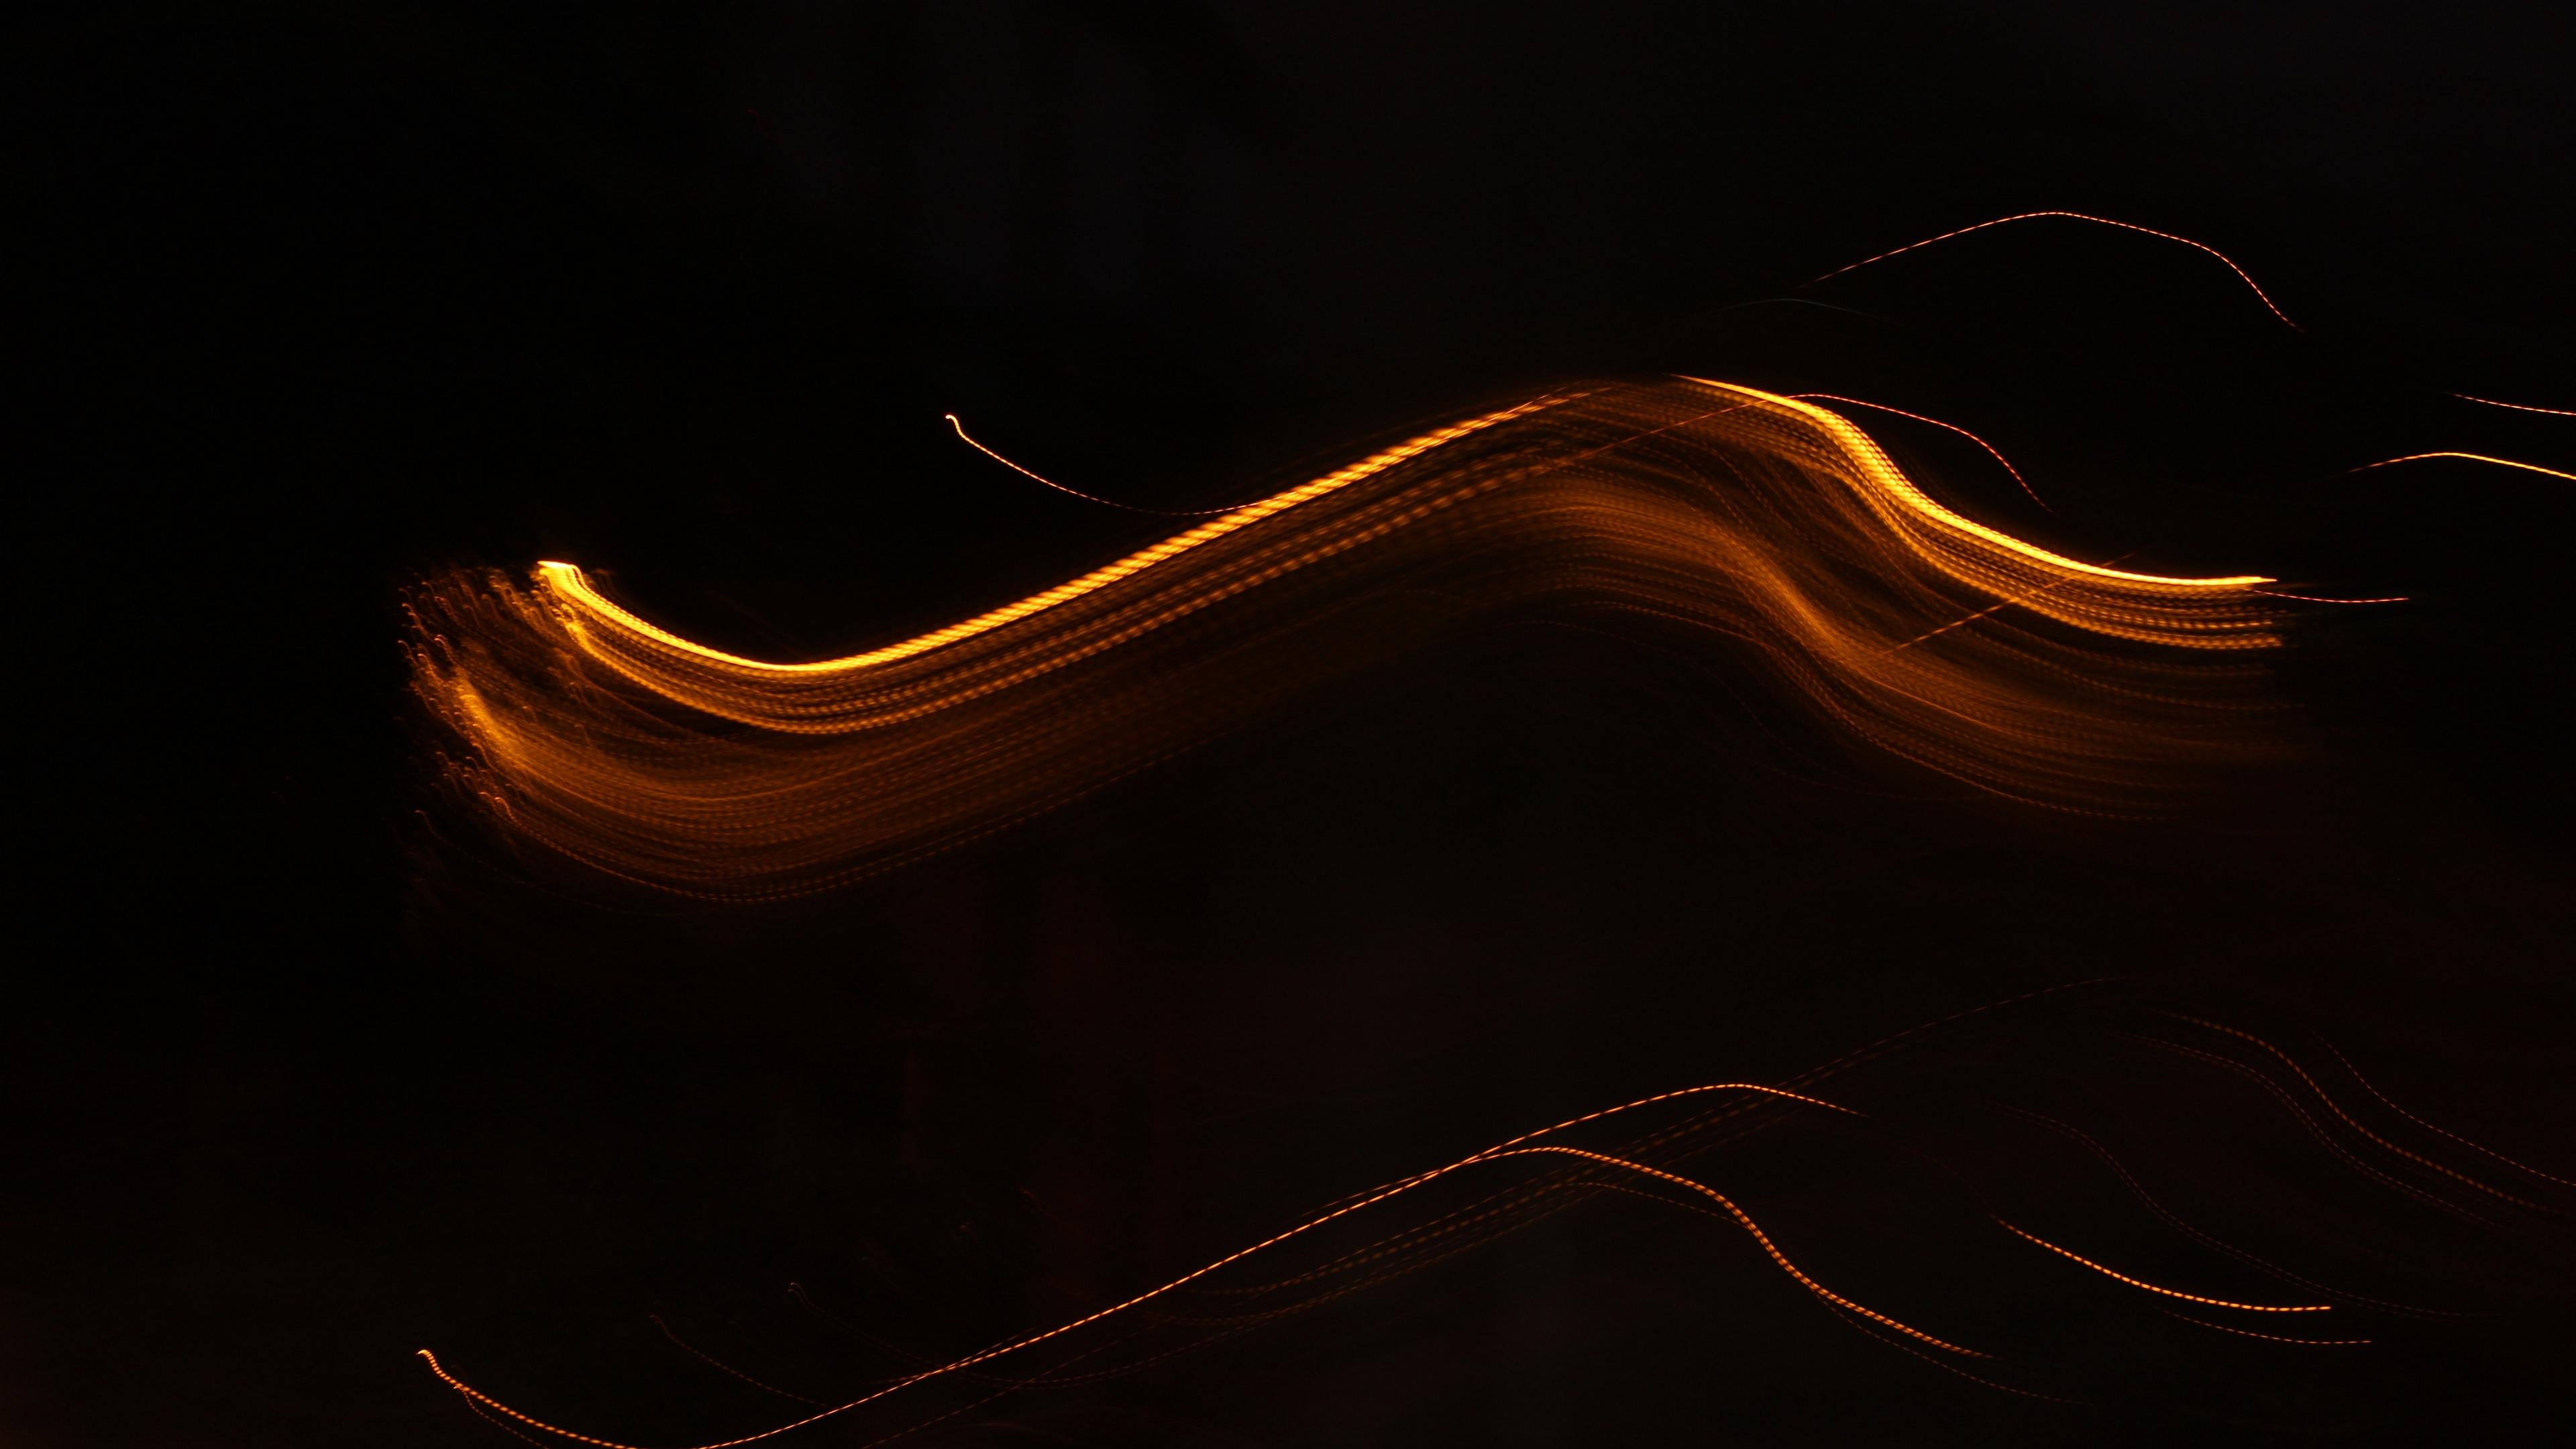 lines wavy intermittent dark background 4k 1539369755 - lines, wavy, intermittent, dark background 4k - wavy, Lines, intermittent